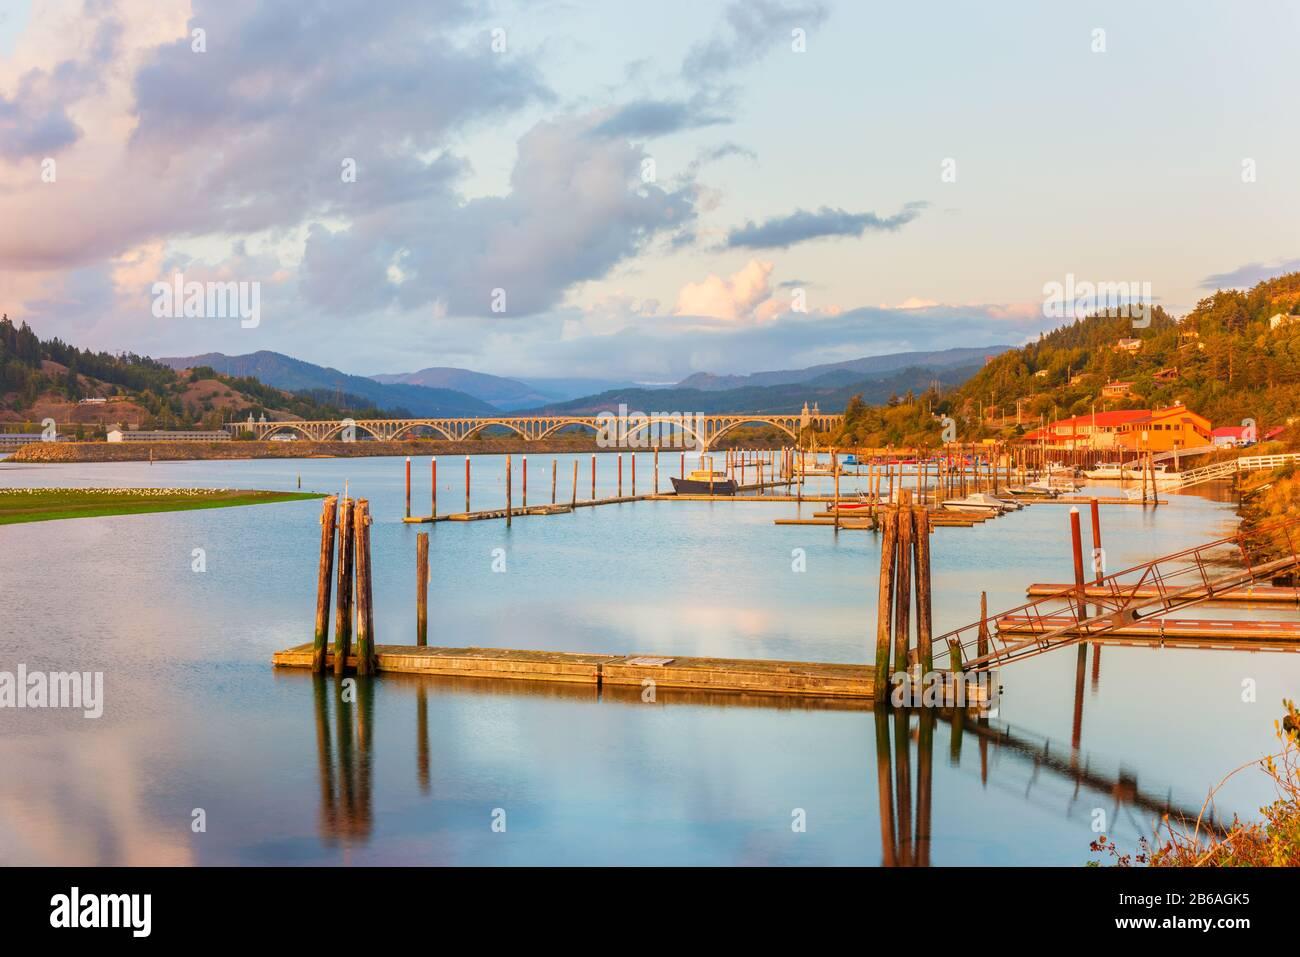 Marina et Bridge à Gold Beach, Oregon, États-Unis autour du coucher du soleil Banque D'Images